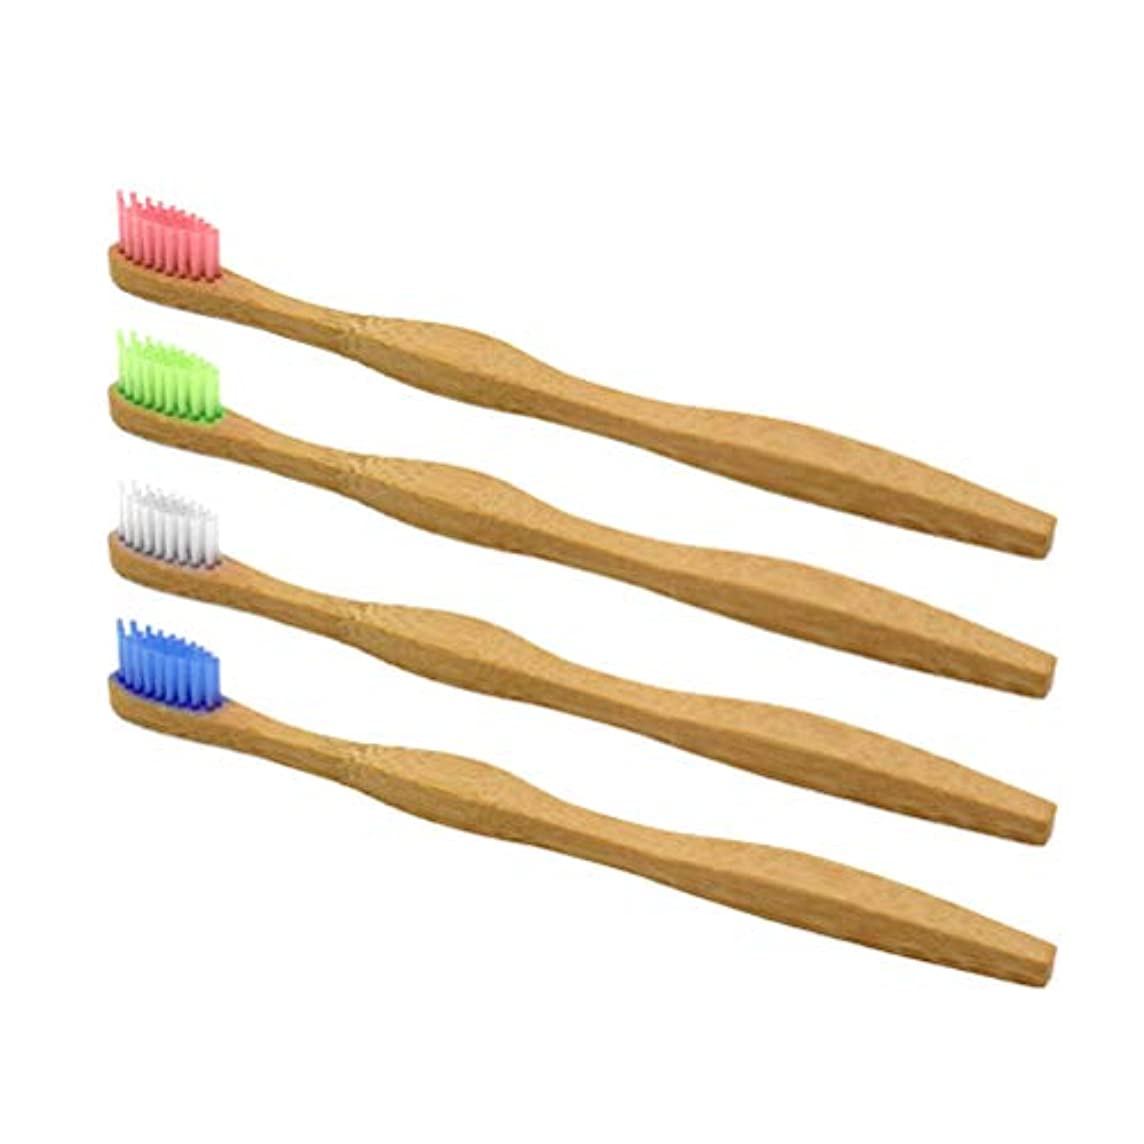 時スプレー時計SUPVOX竹製の歯ブラシオーラルケアクリーニングセット用柔らかい歯ブラシセット4本(アソートカラー)